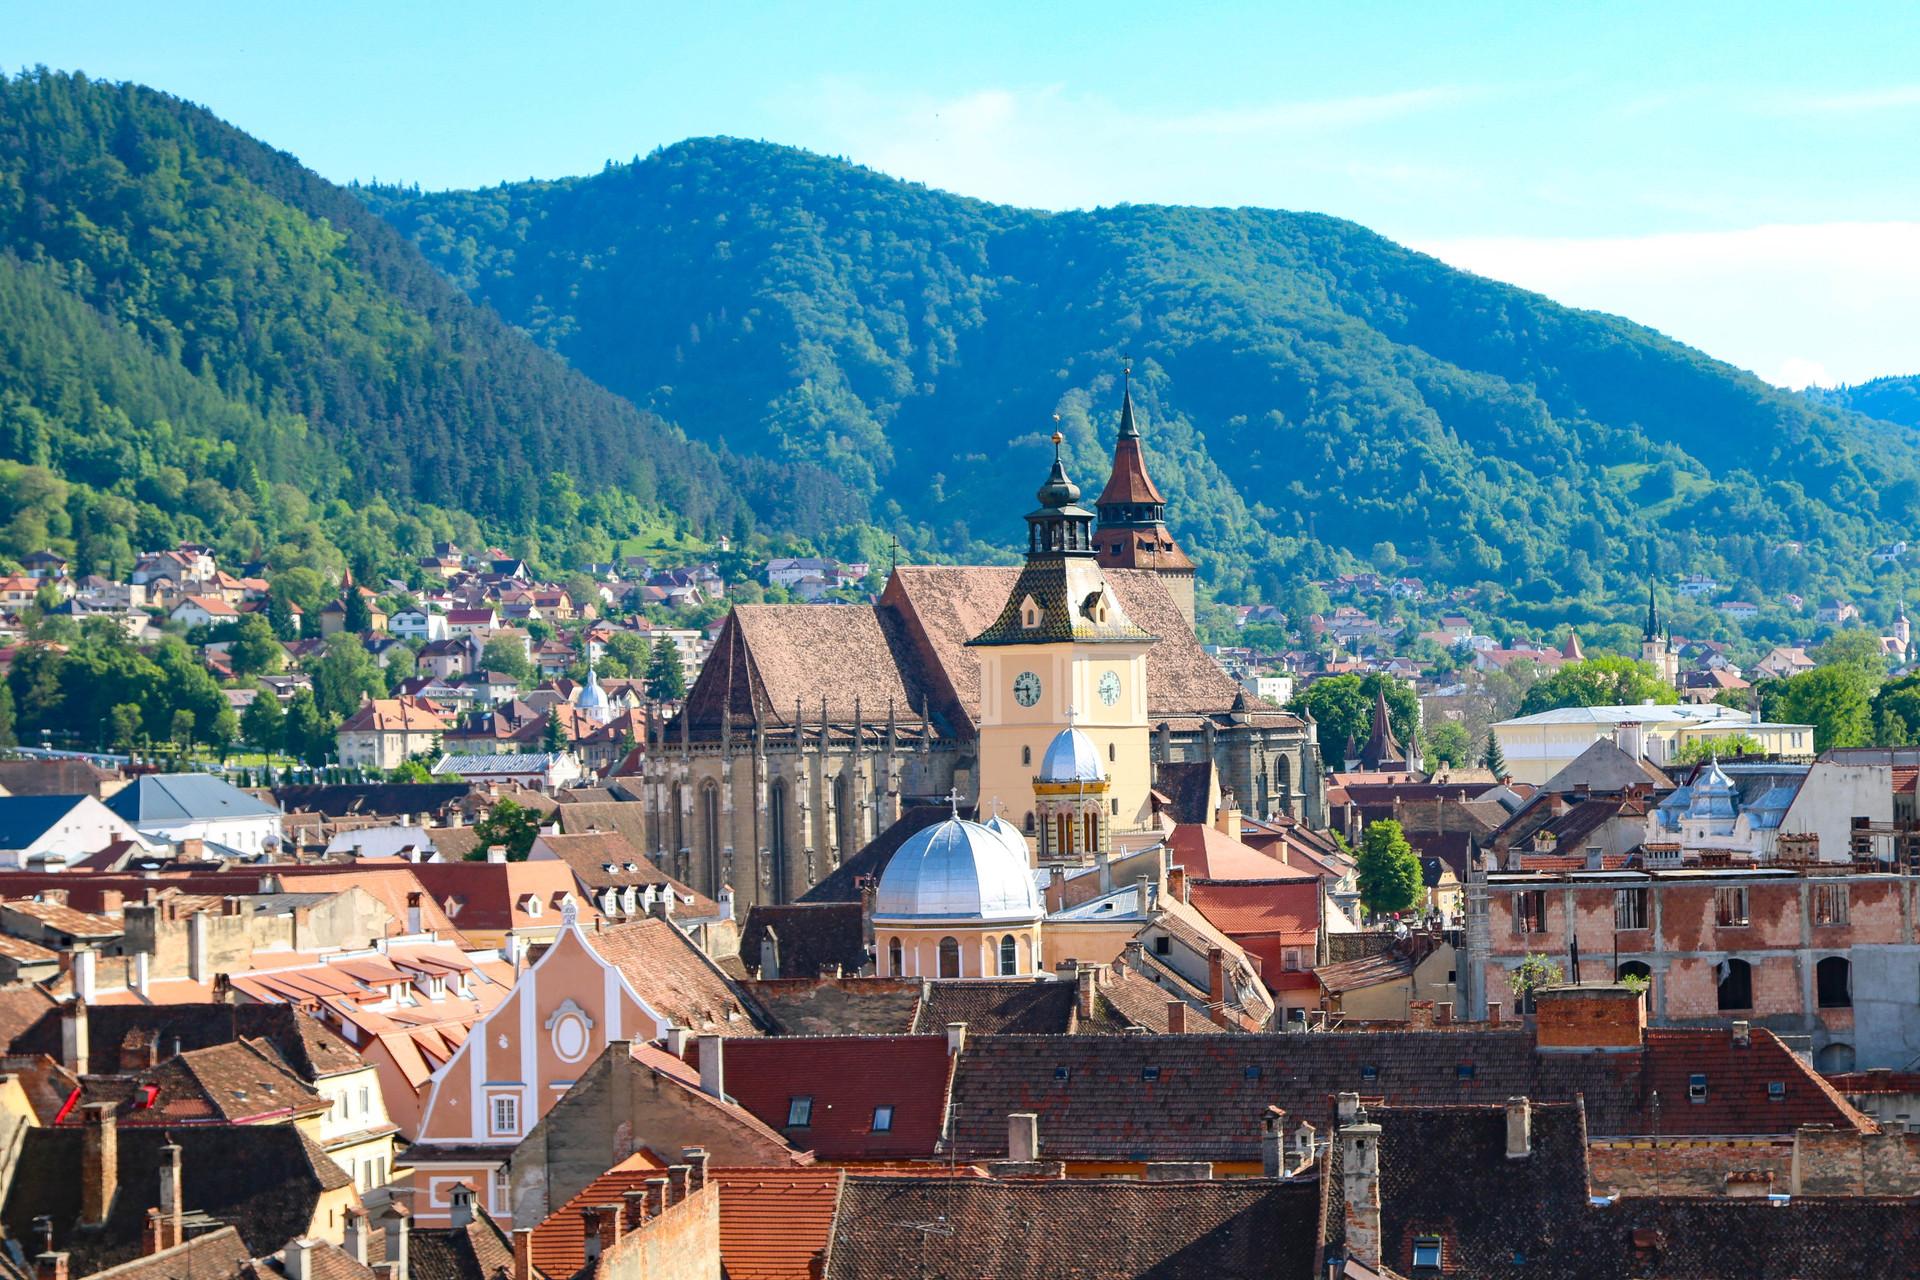 De ce pleacă tinerii din Brașov după terminarea liceului